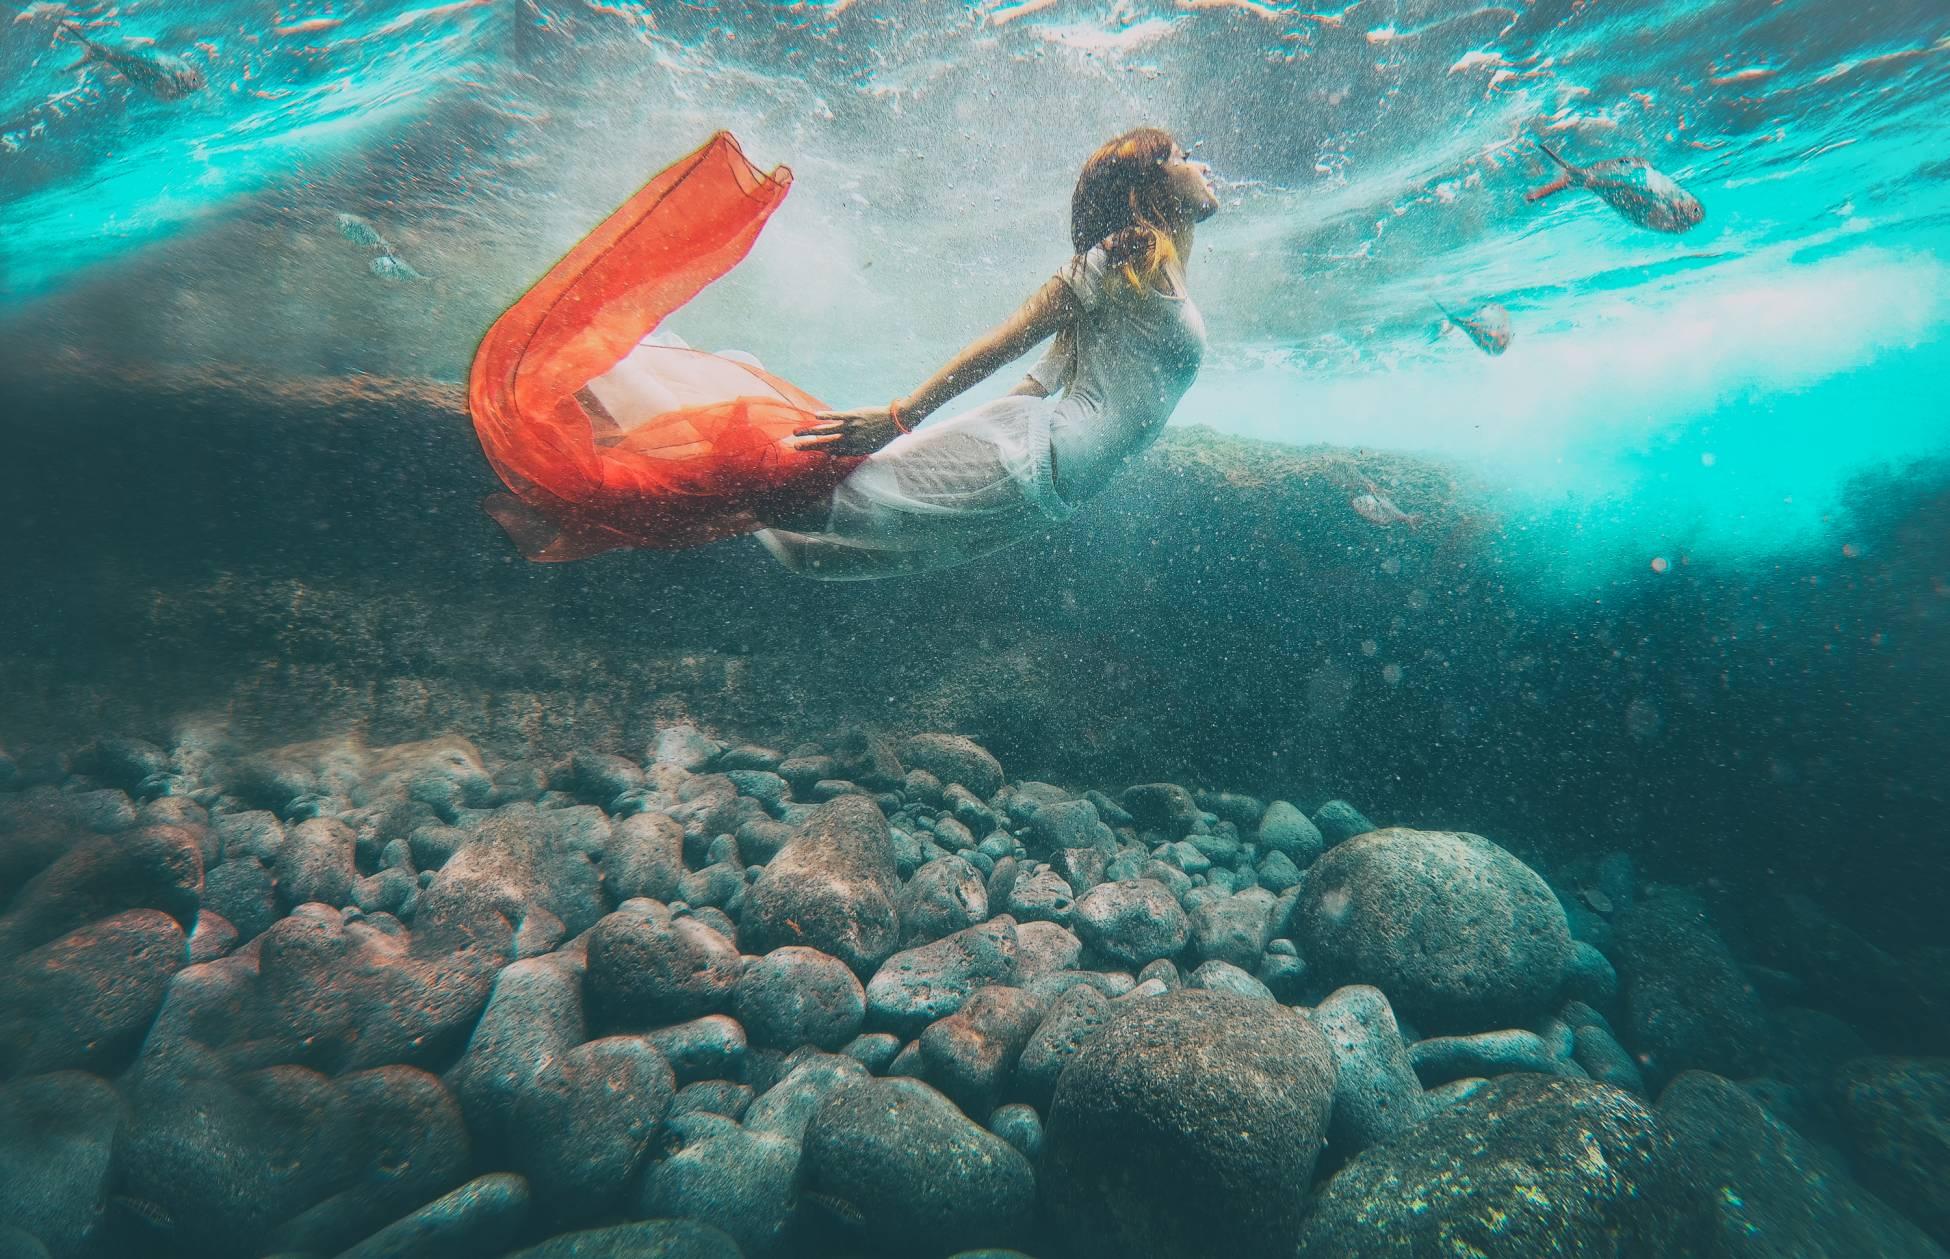 Save the ocean (2019) - Nadia Martín García